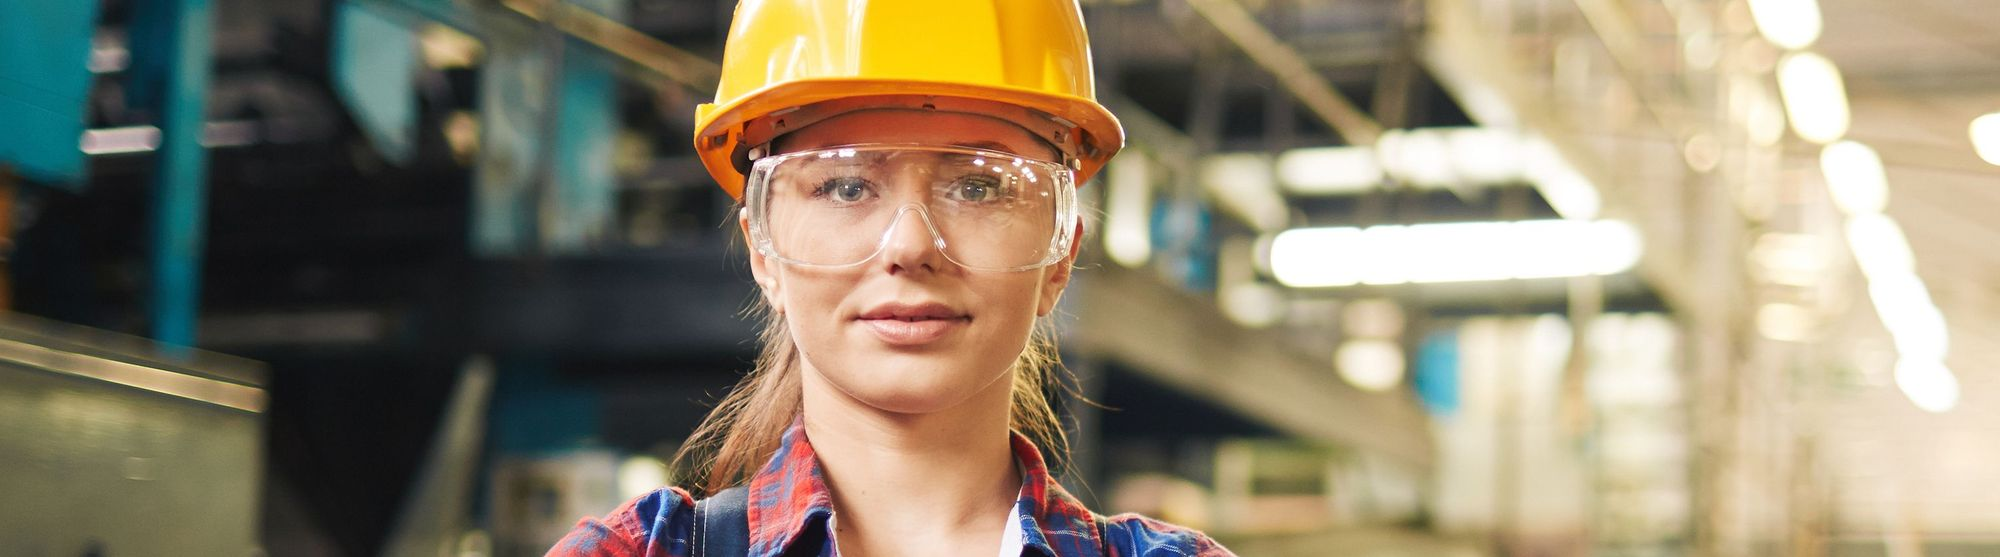 Eine Frau mit Bauhelm und Schutzbrille in einer Fabrikhalle